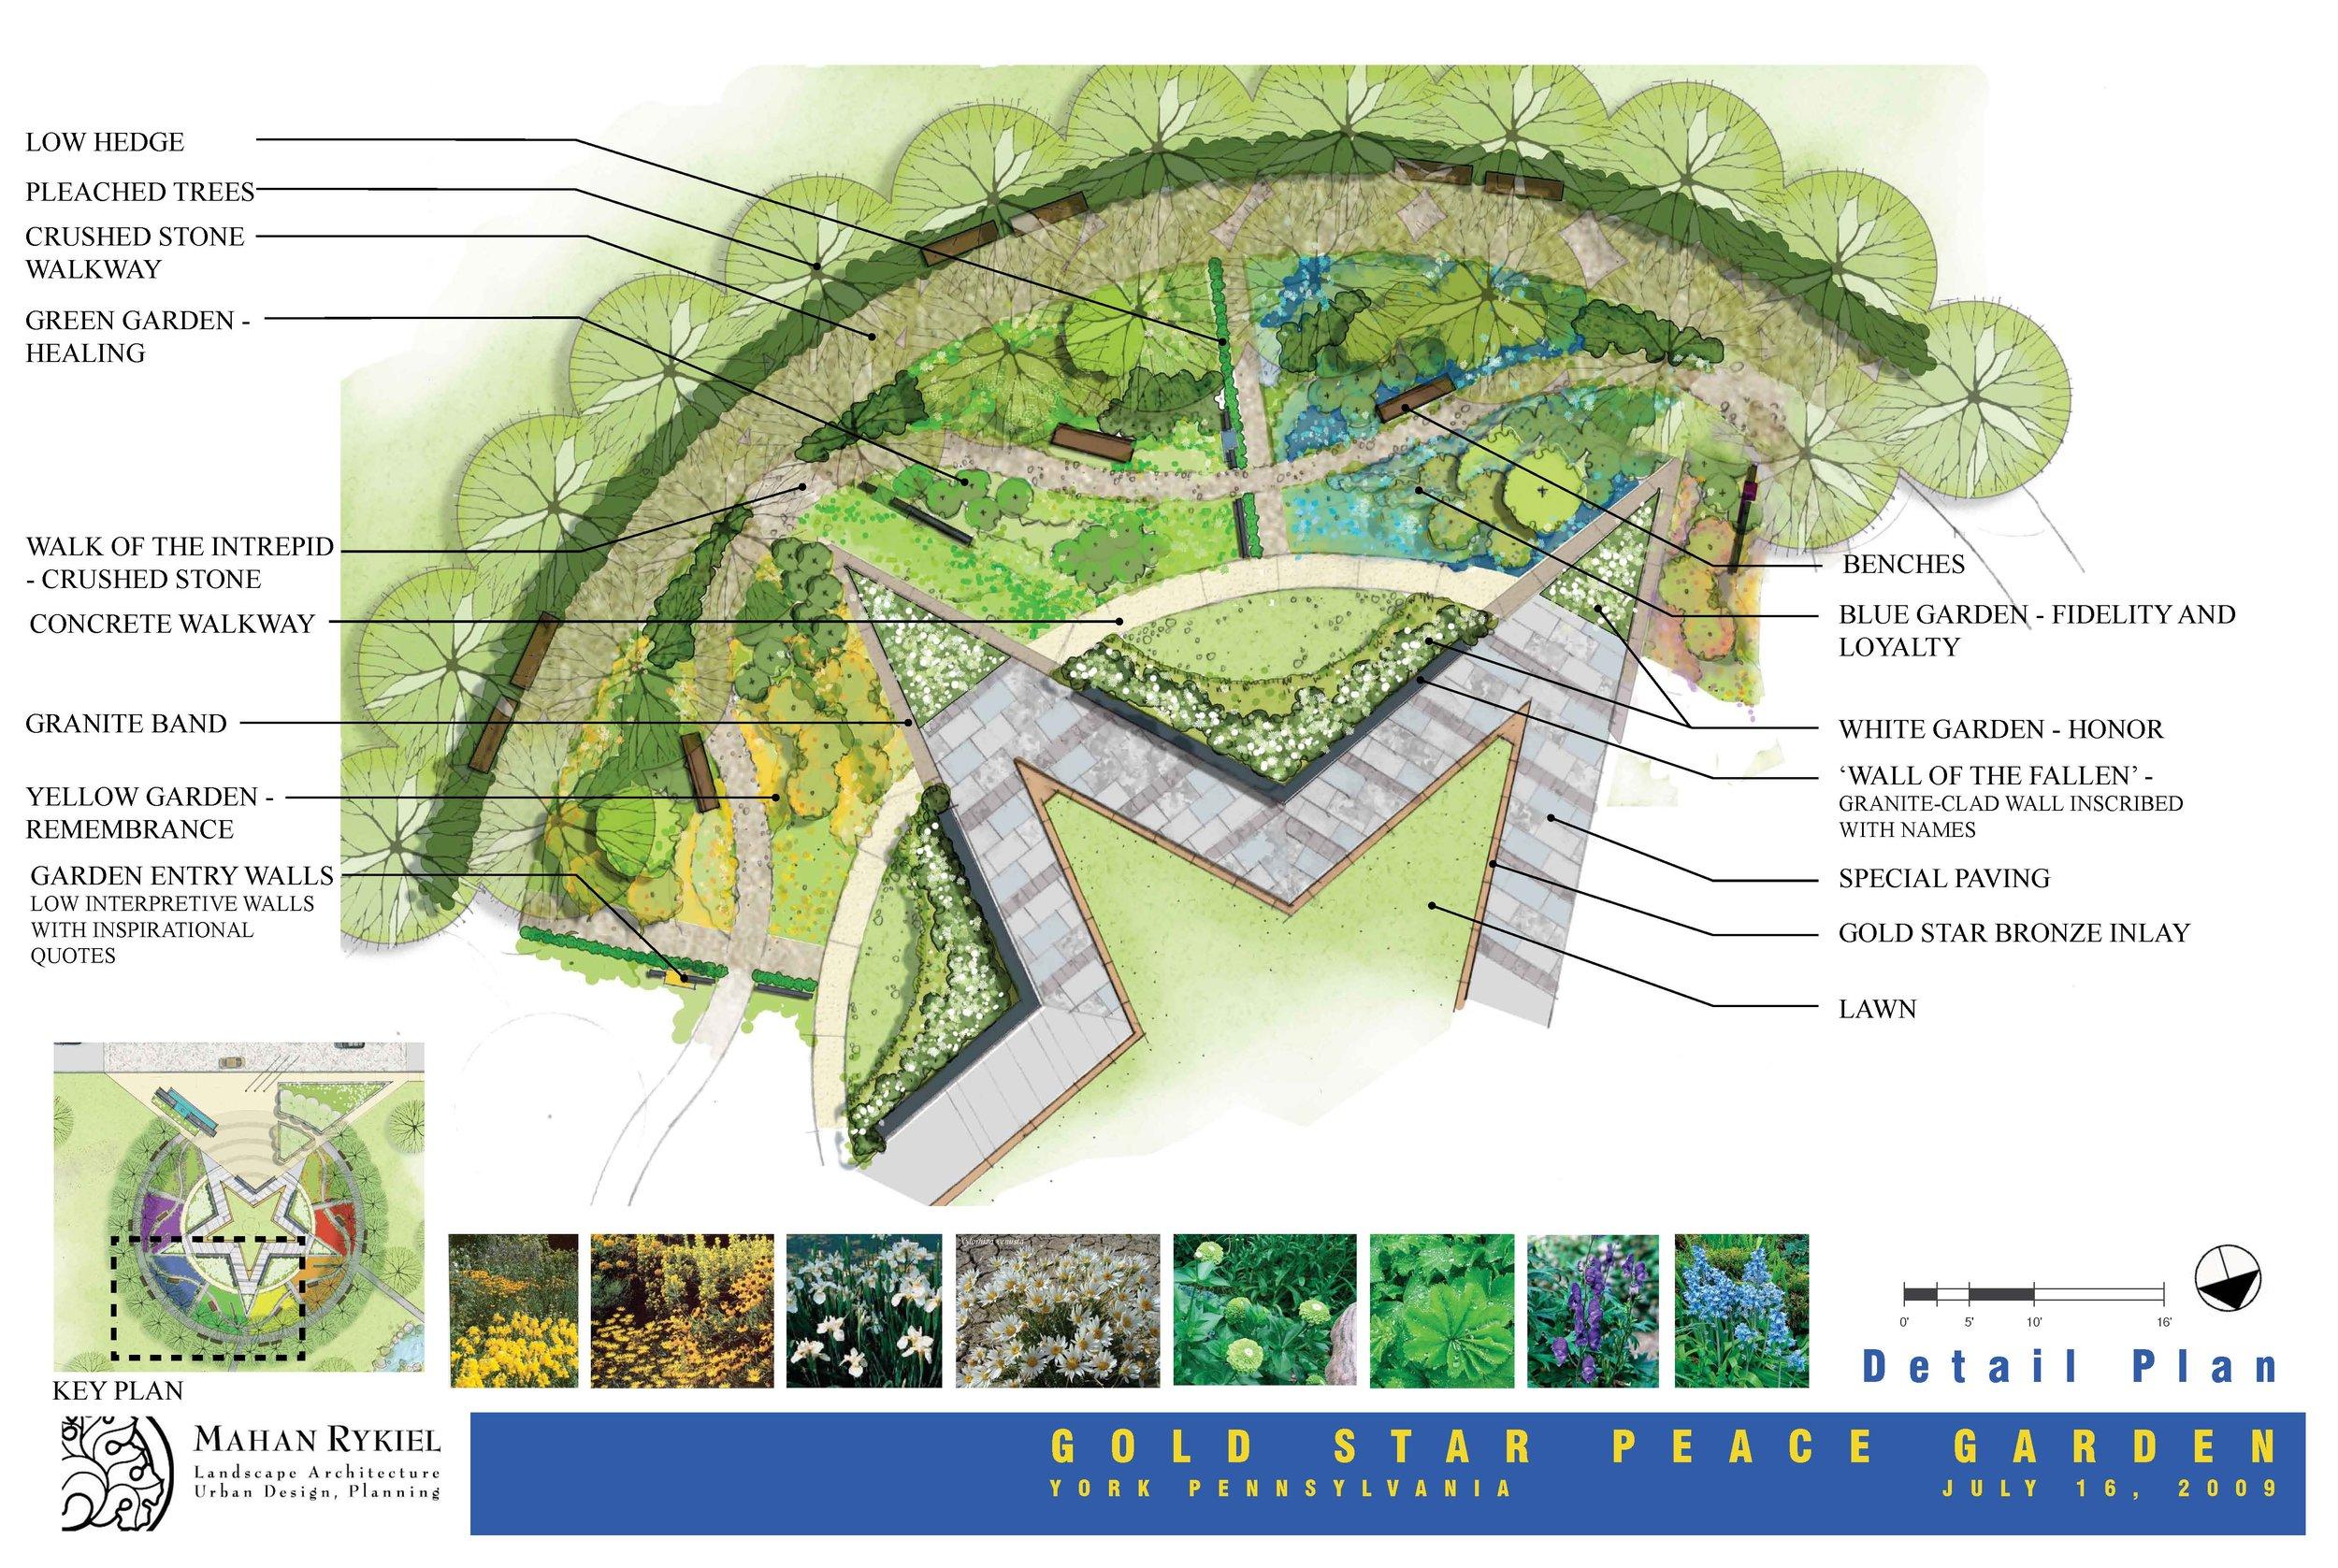 Gold Star Peace Garden Concept Design